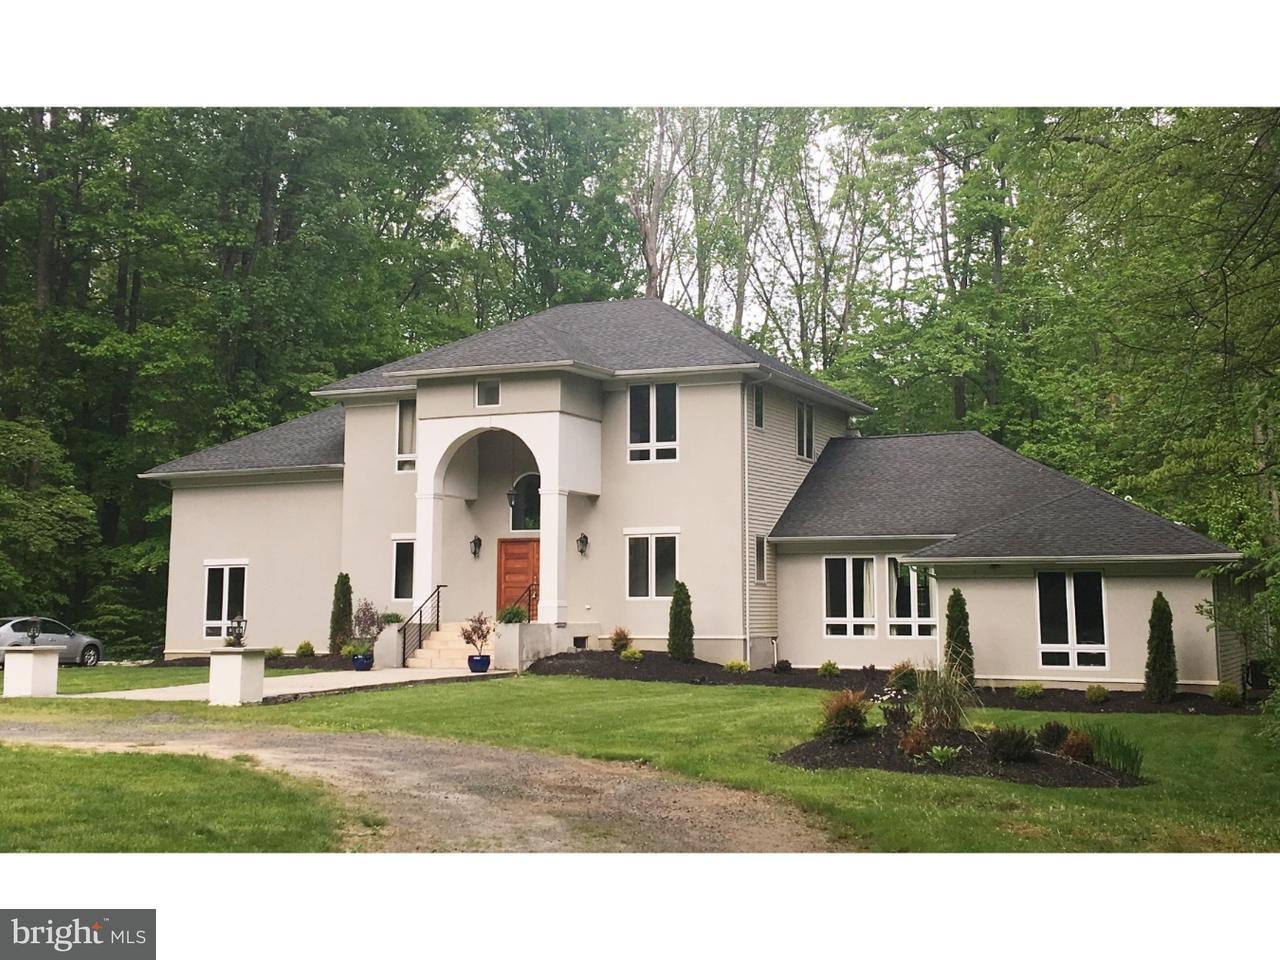 一戸建て のために 売買 アット 111 MAJOR Road Monmouth Junction, ニュージャージー 08852 アメリカ合衆国で/アラウンド: South Brunswick Township